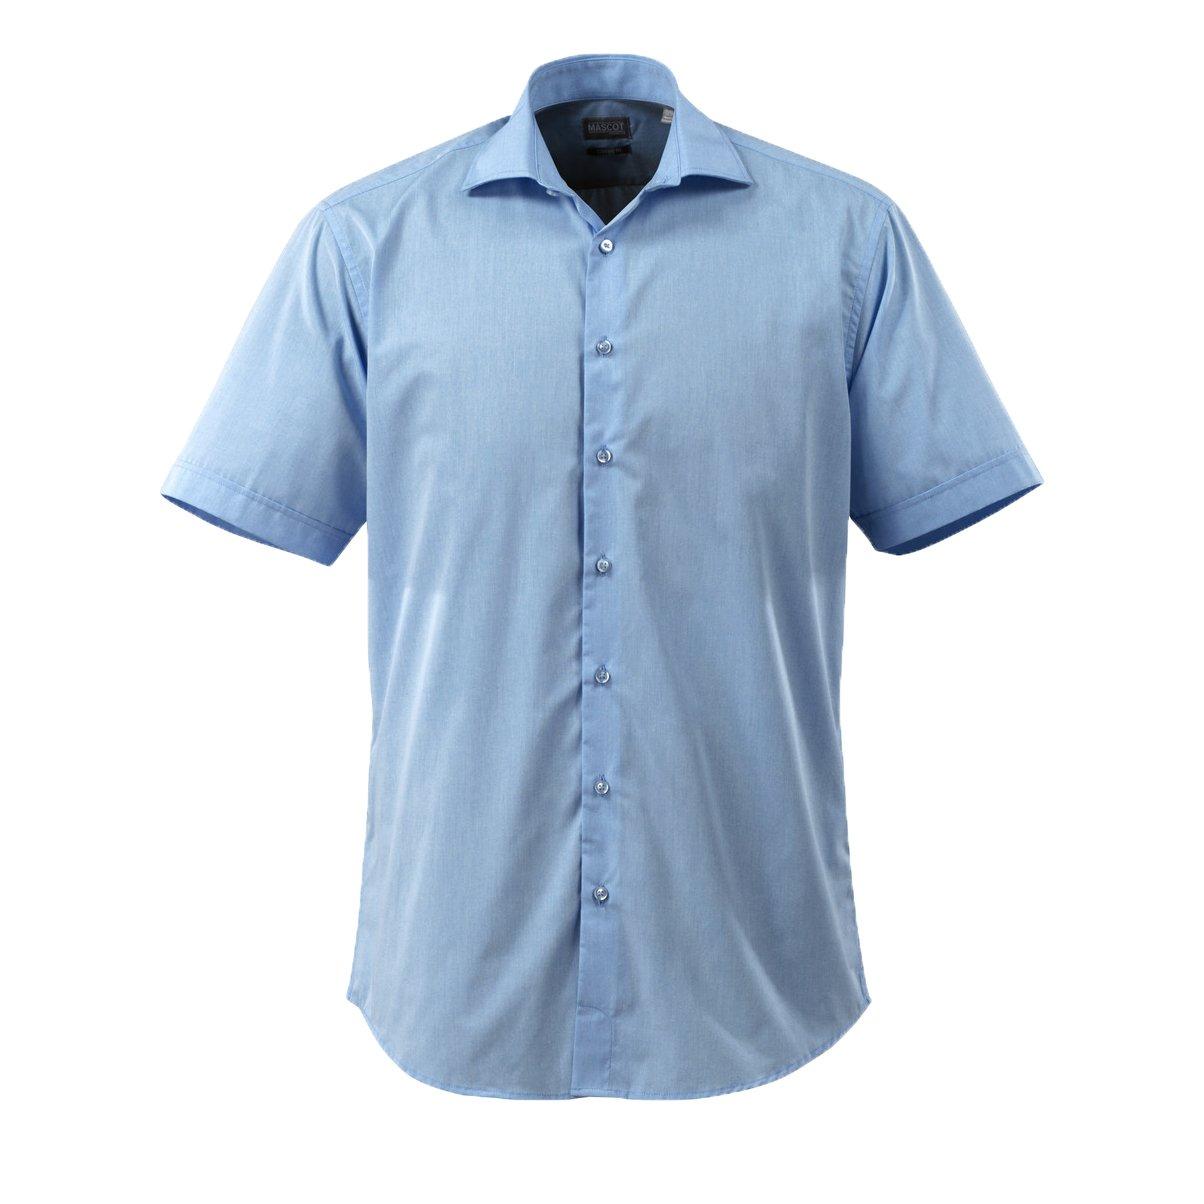 LIGHT Blue Mascot 50632-984-71-37-38 Shirt/Poplin/Long-Sleeved/Size 37-38